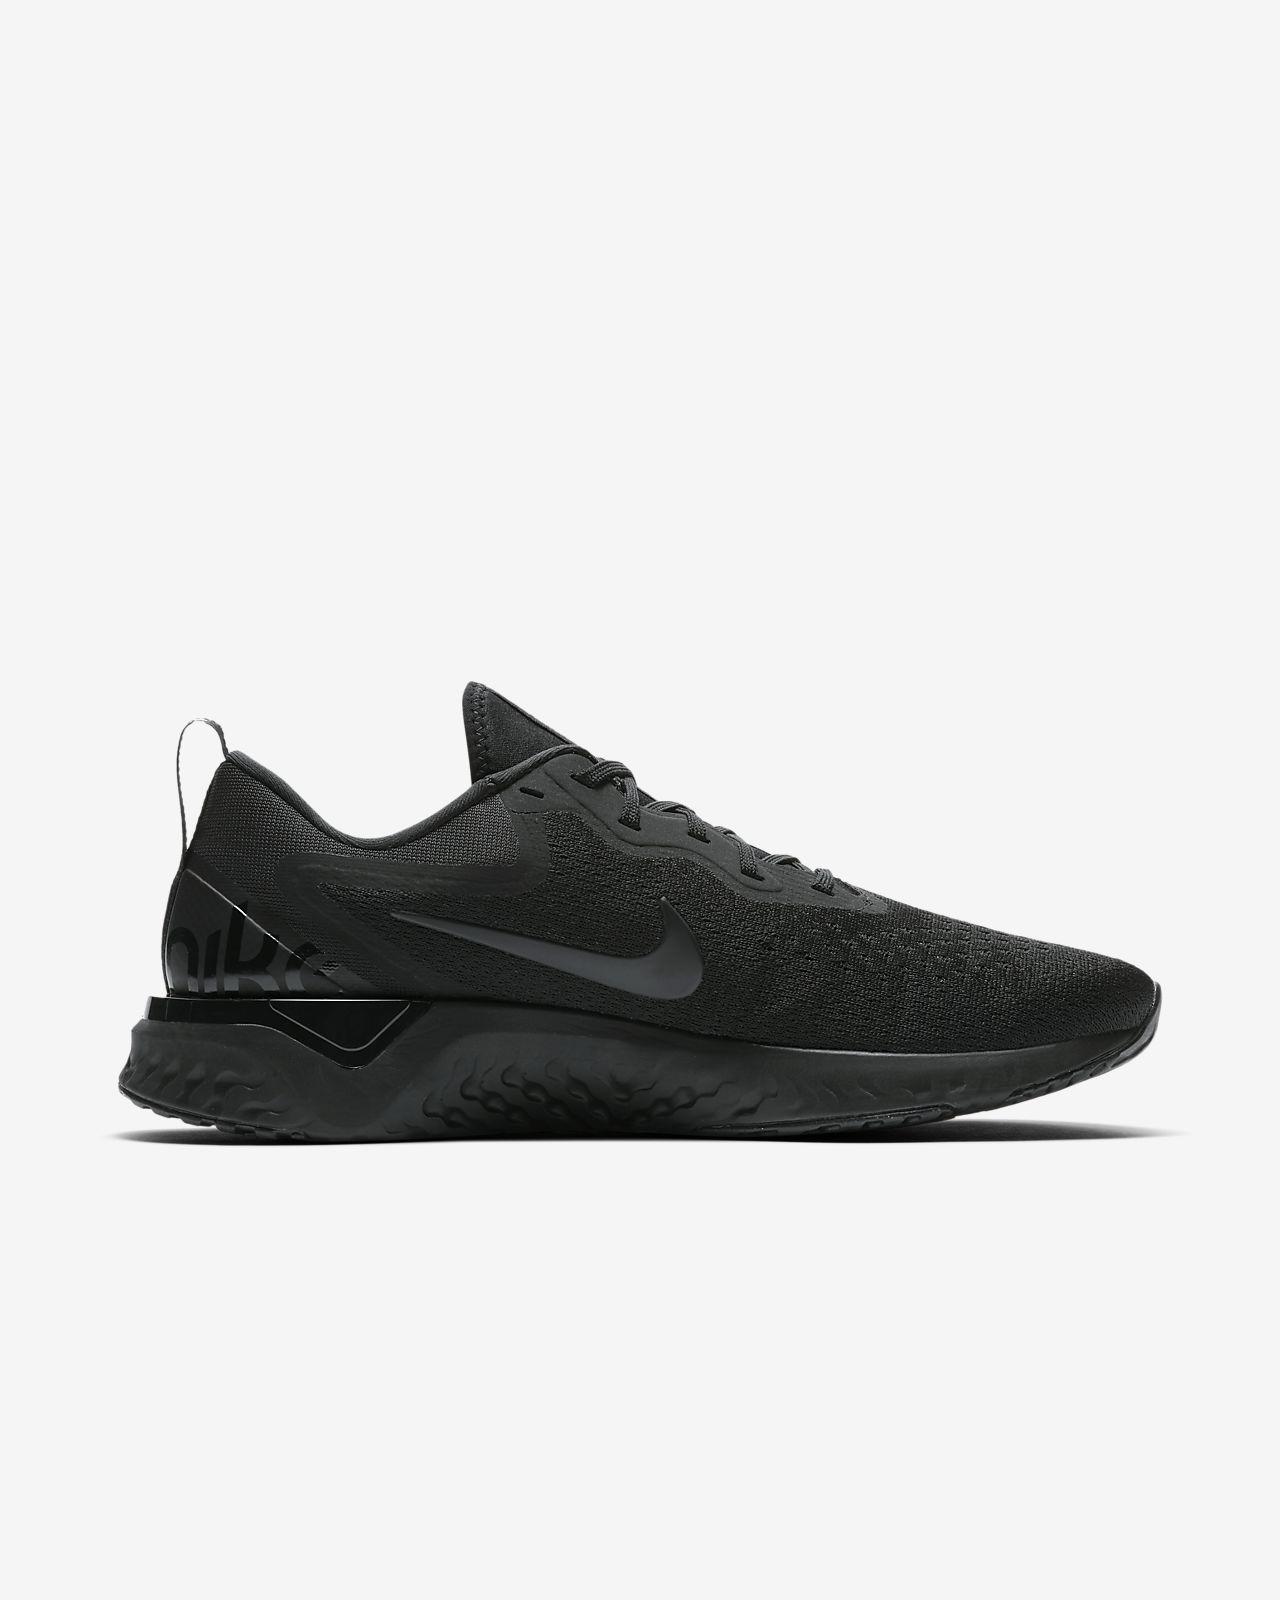 867e33176 Nike Odyssey React Men's Running Shoe. Nike.com ID